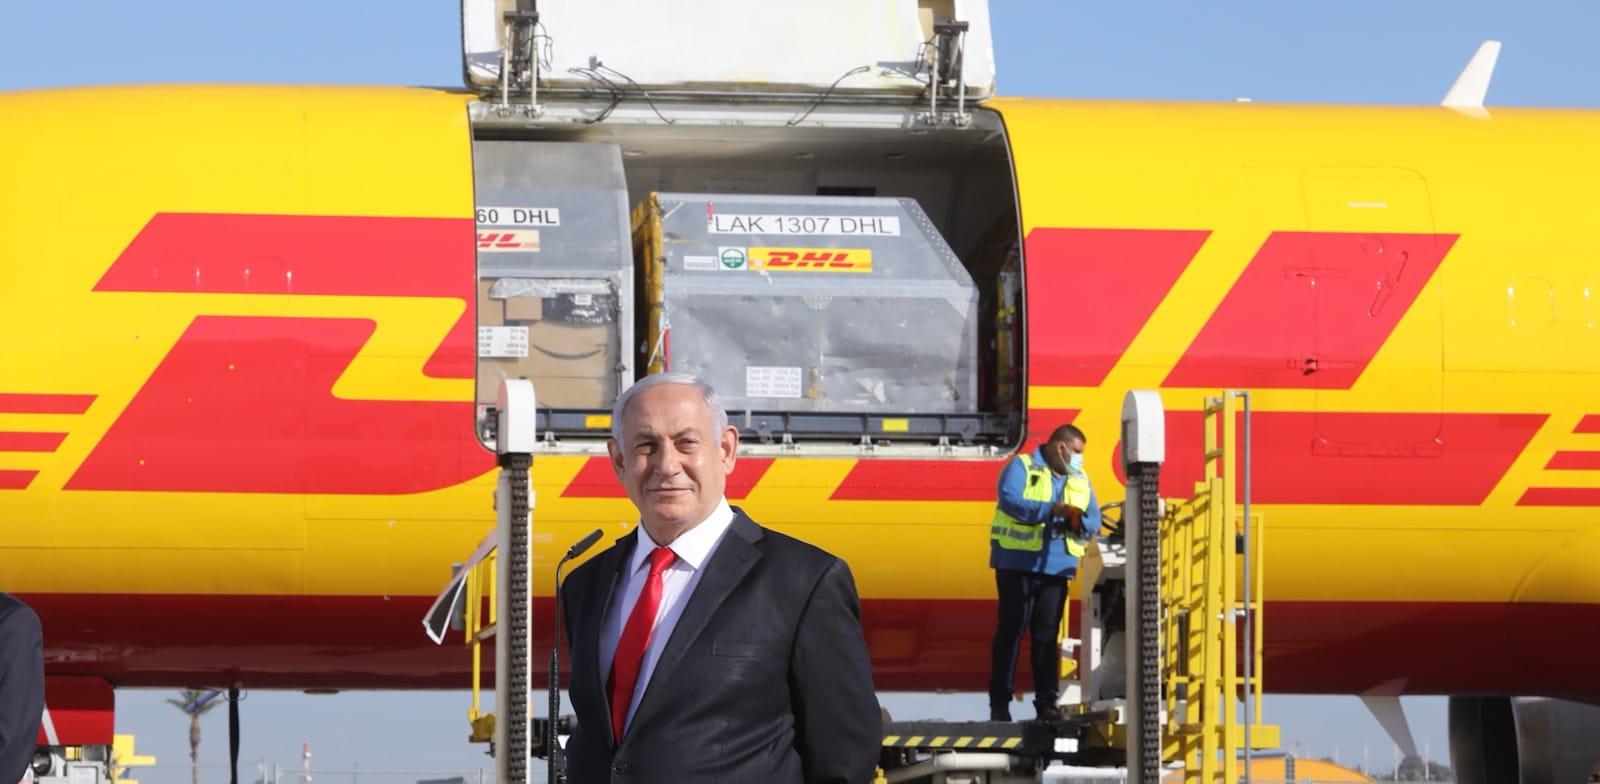 בנימין מטוס ראשון עם משלוח חיסונים נגד קורונה של חברת פייזר מטוס DHL / צילום: מארק ישראל סלם - הג'רוזלם פוסט